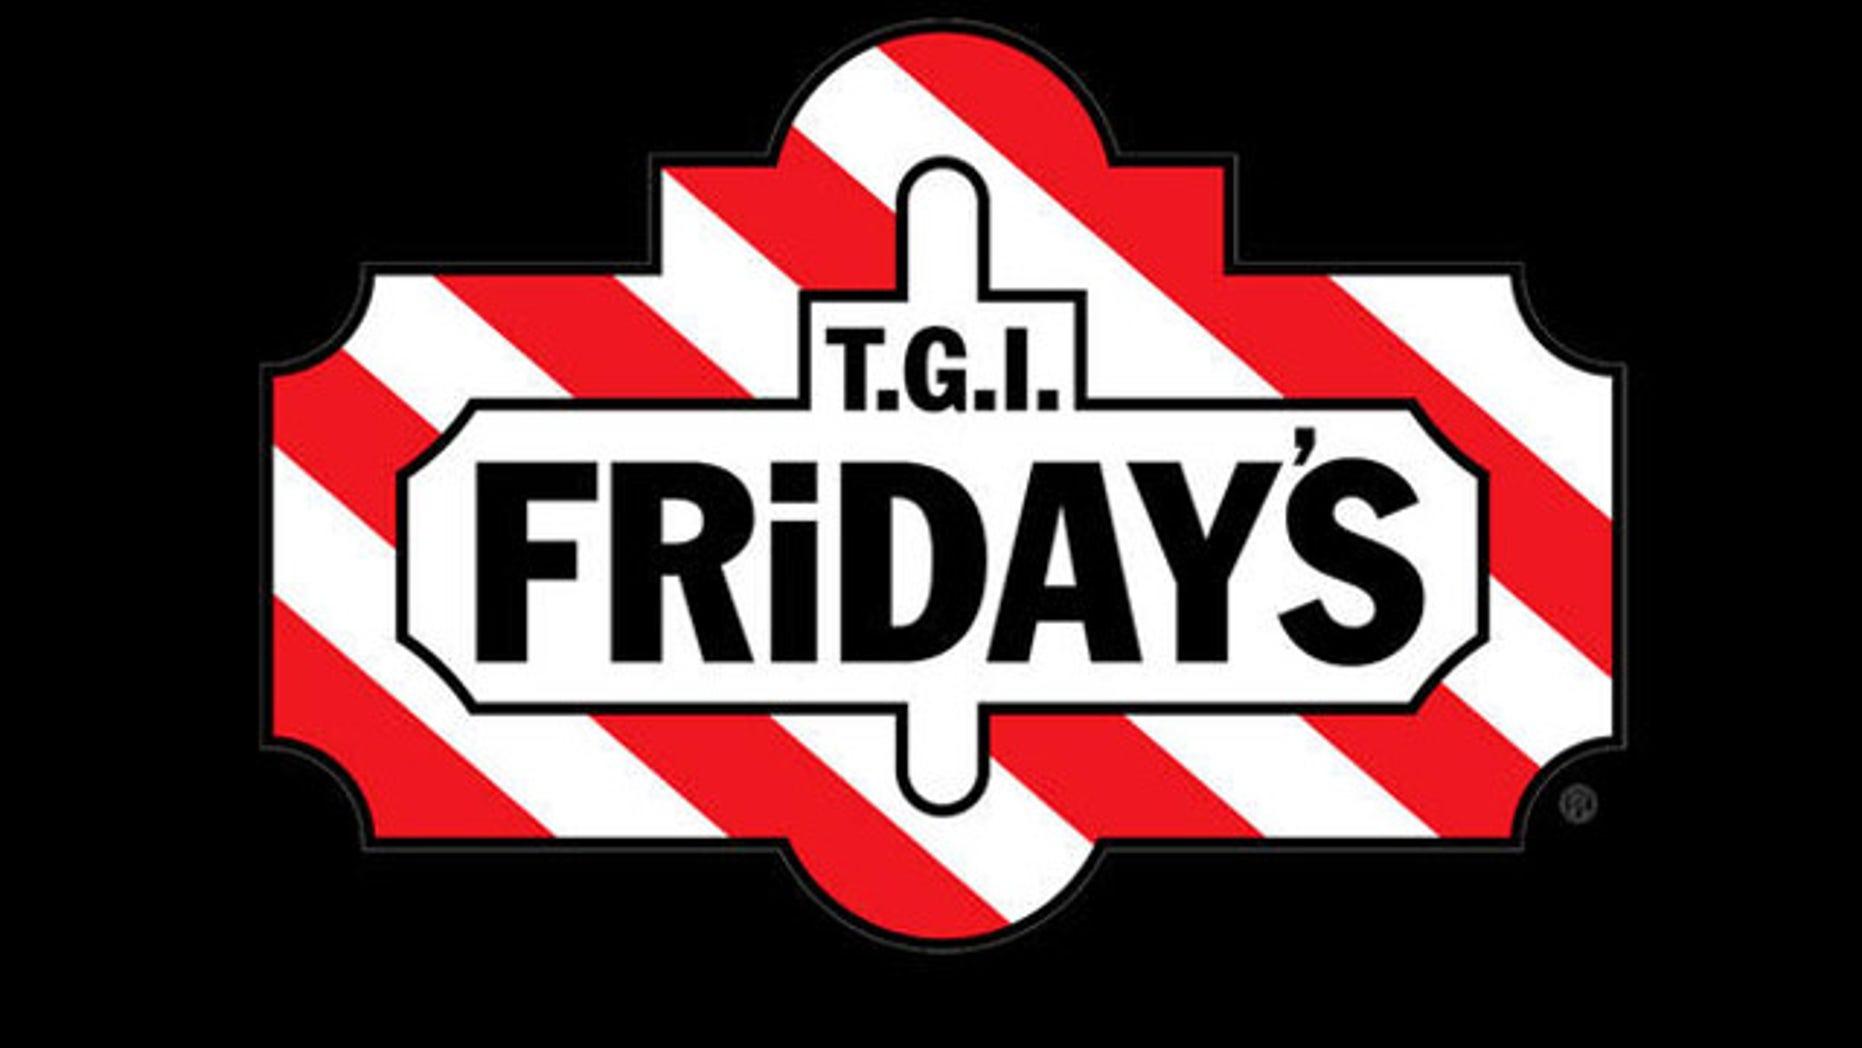 T.G.I. Fridays logo